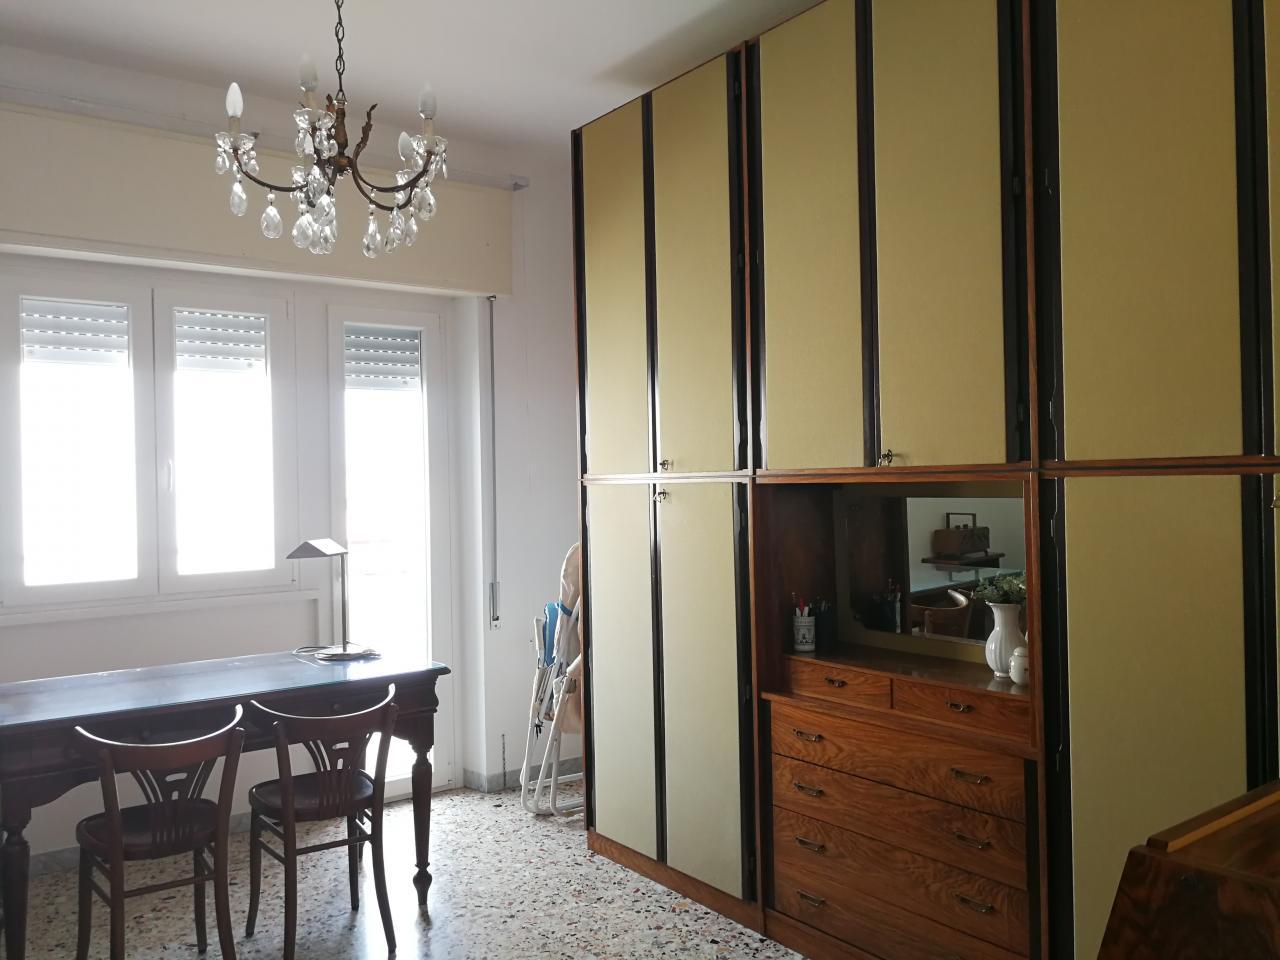 Vendita appartamento centrale con garage